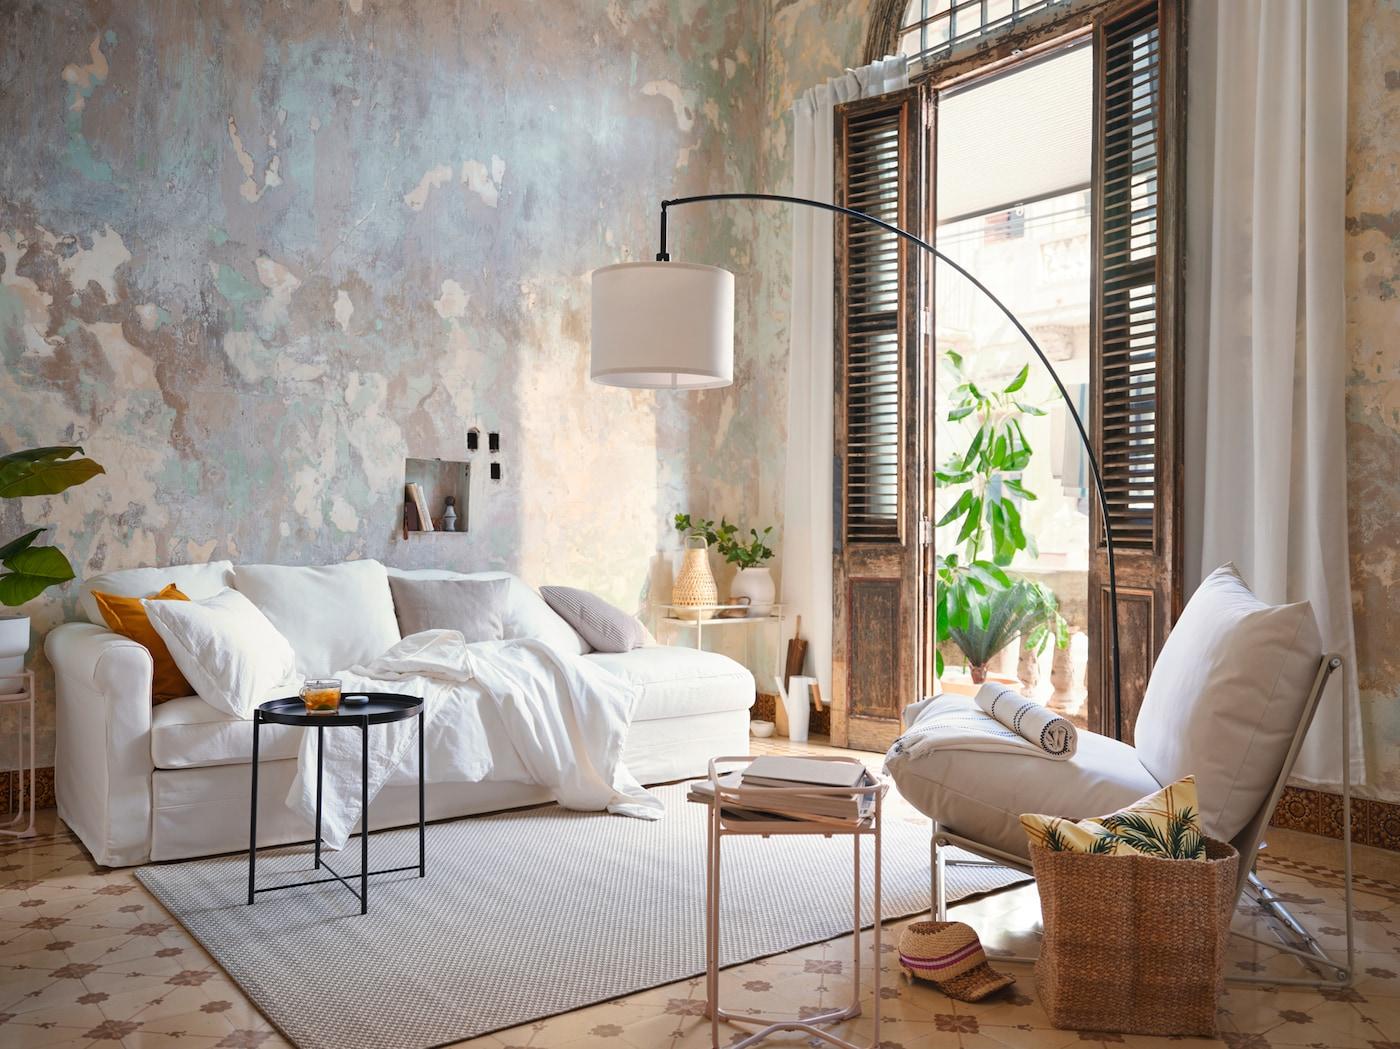 Biela pohovka v béžovo-sivej miestnosti s vankúšmi, čiernym príručným stolíkom a bielym kreslom.